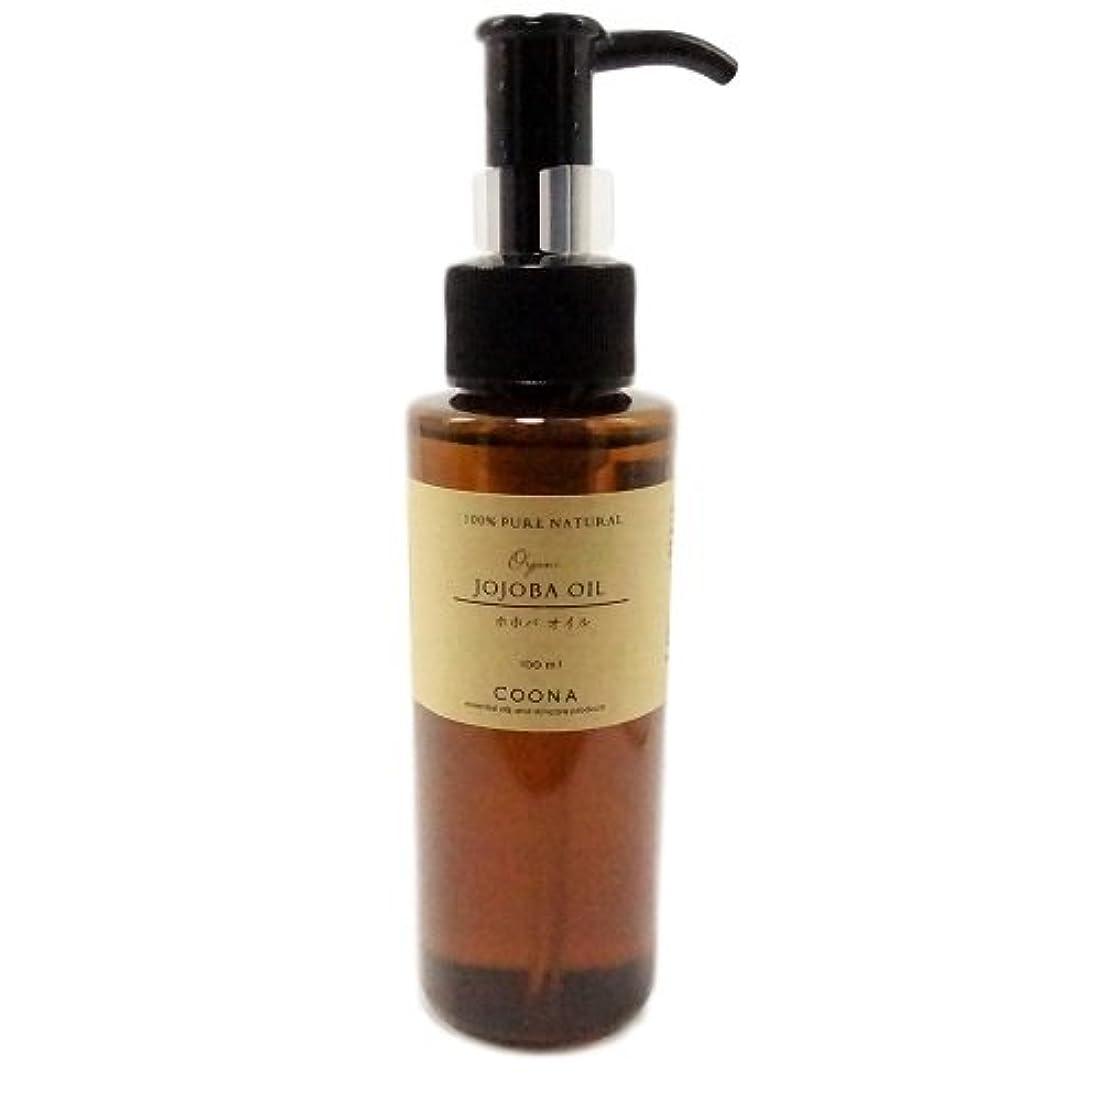 ジェスチャーソーシャルモバイルホホバオイル 100 ml (COONA キャリアオイル ベースオイル 100%ピュア ナチュラル 天然植物油)